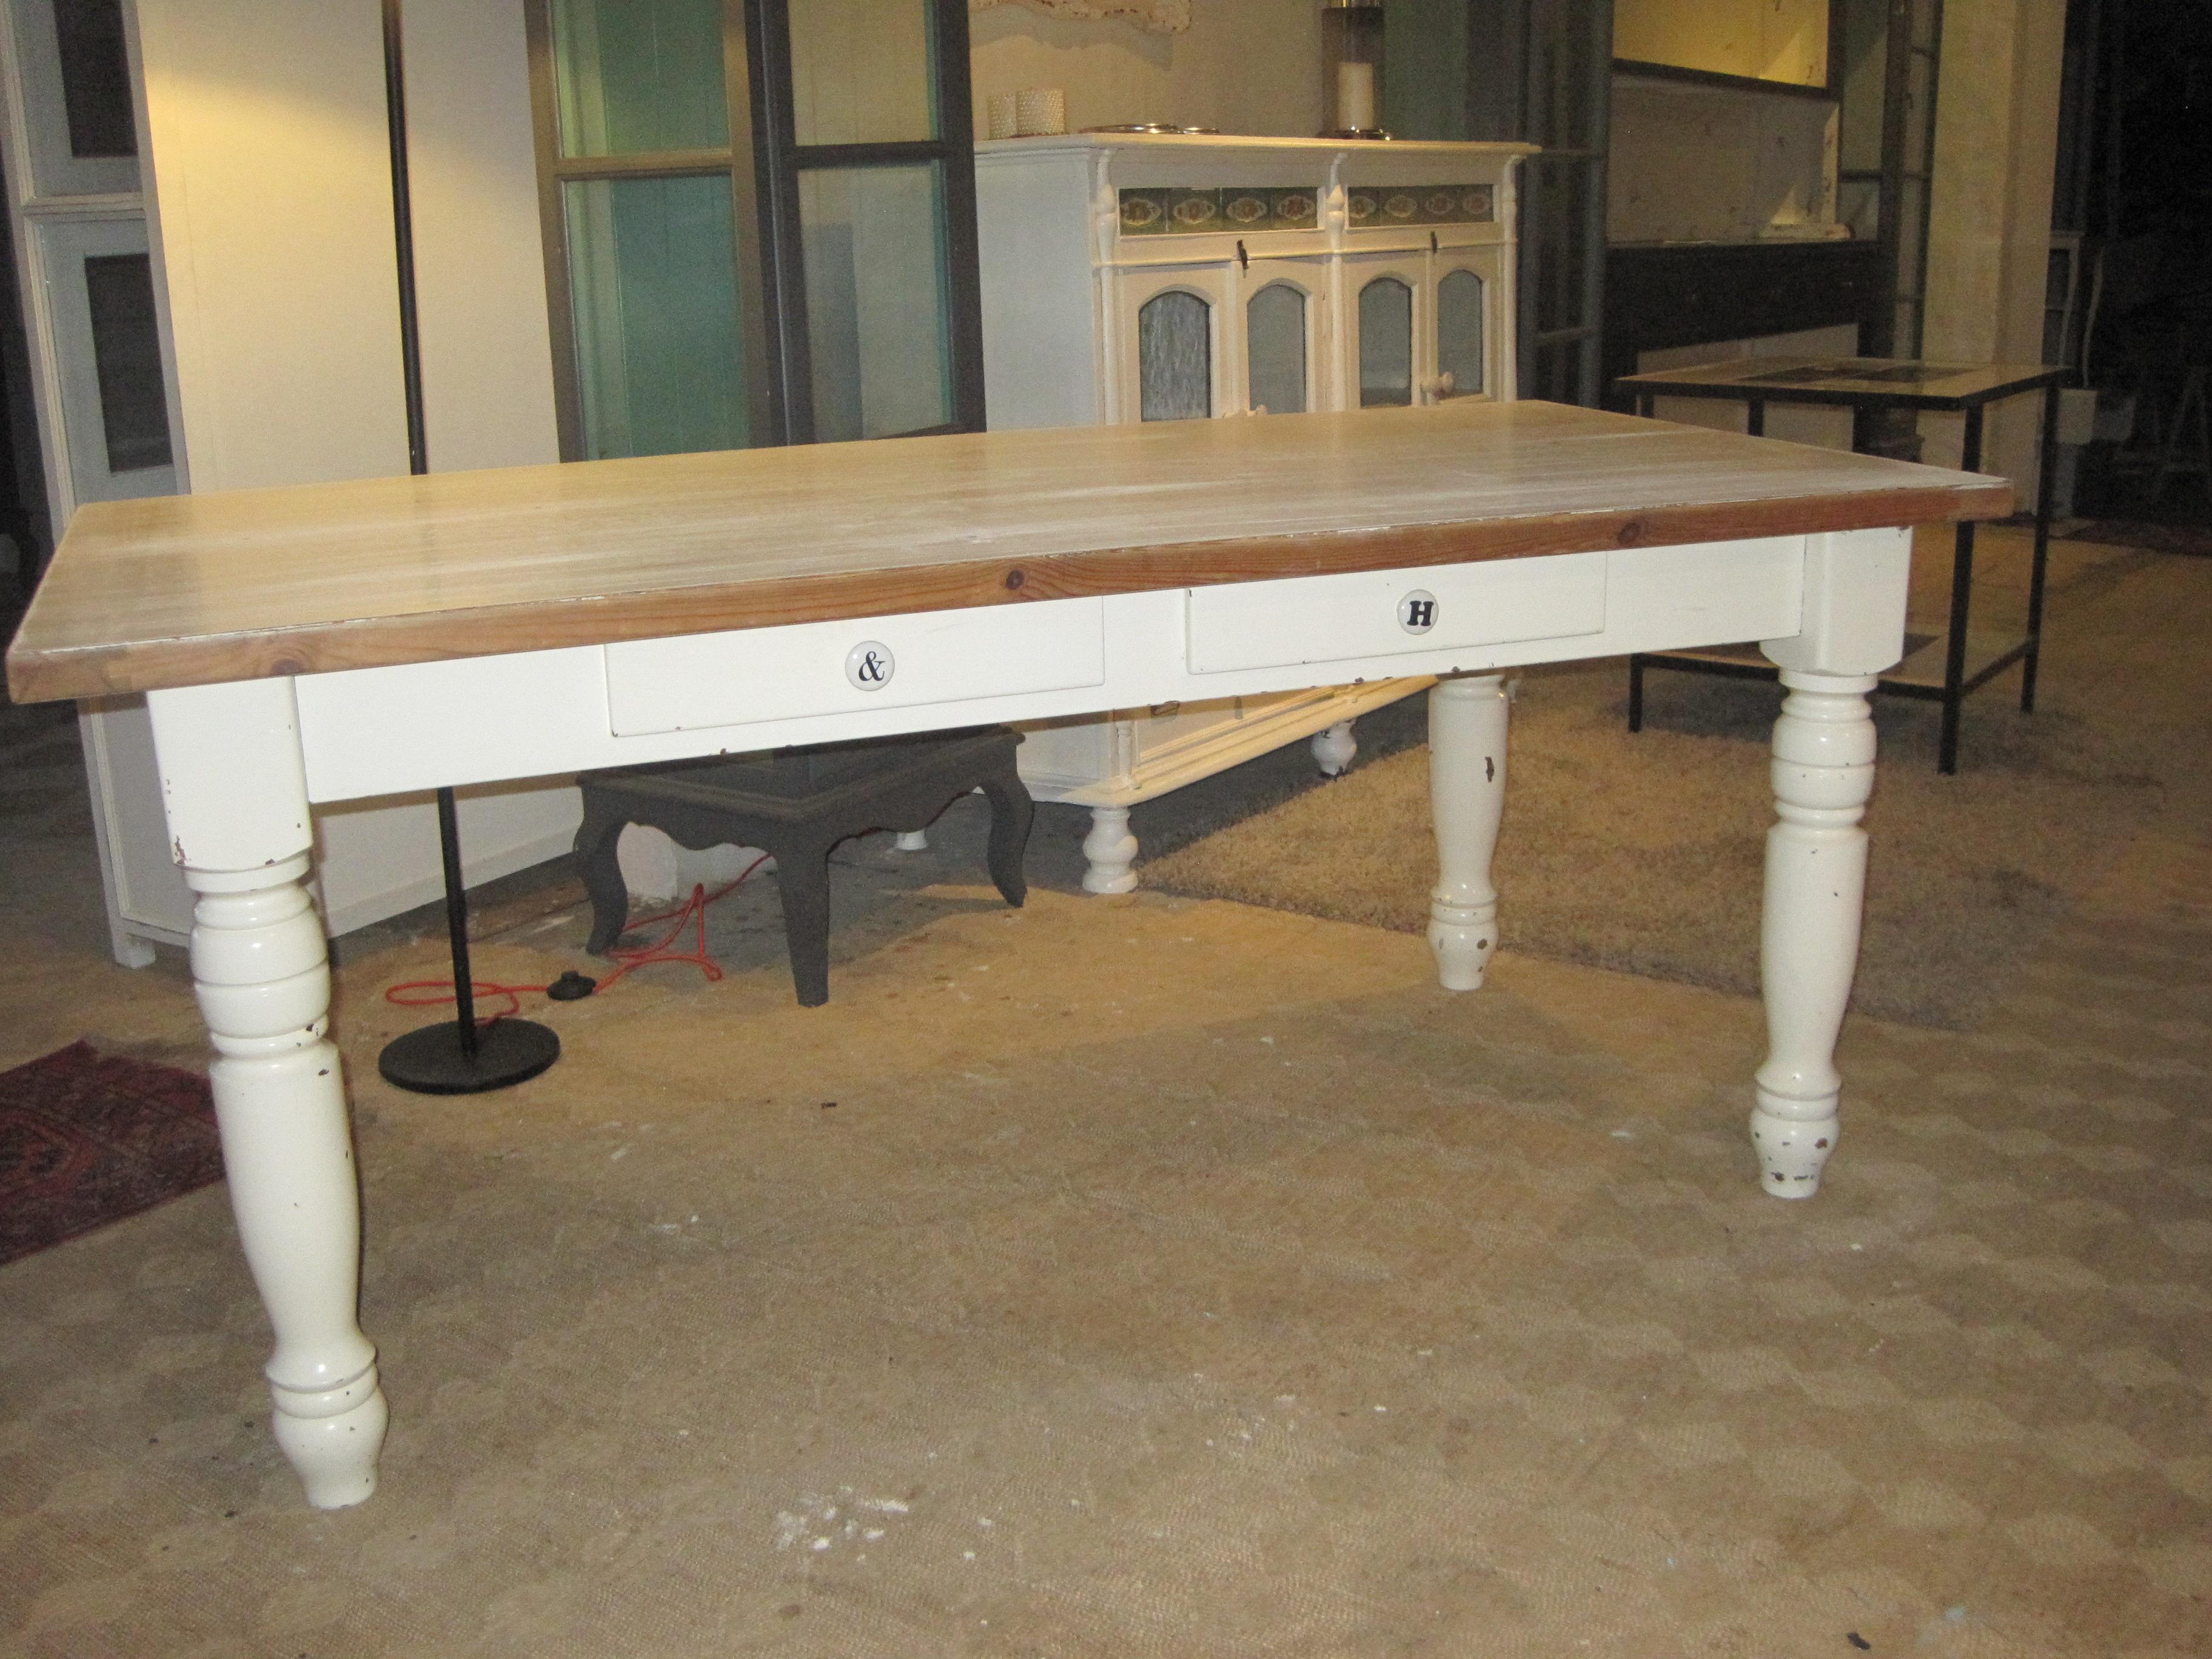 Spisebord Fransk Landstil: Jeanne d?arc spisebord fransk landstil ...